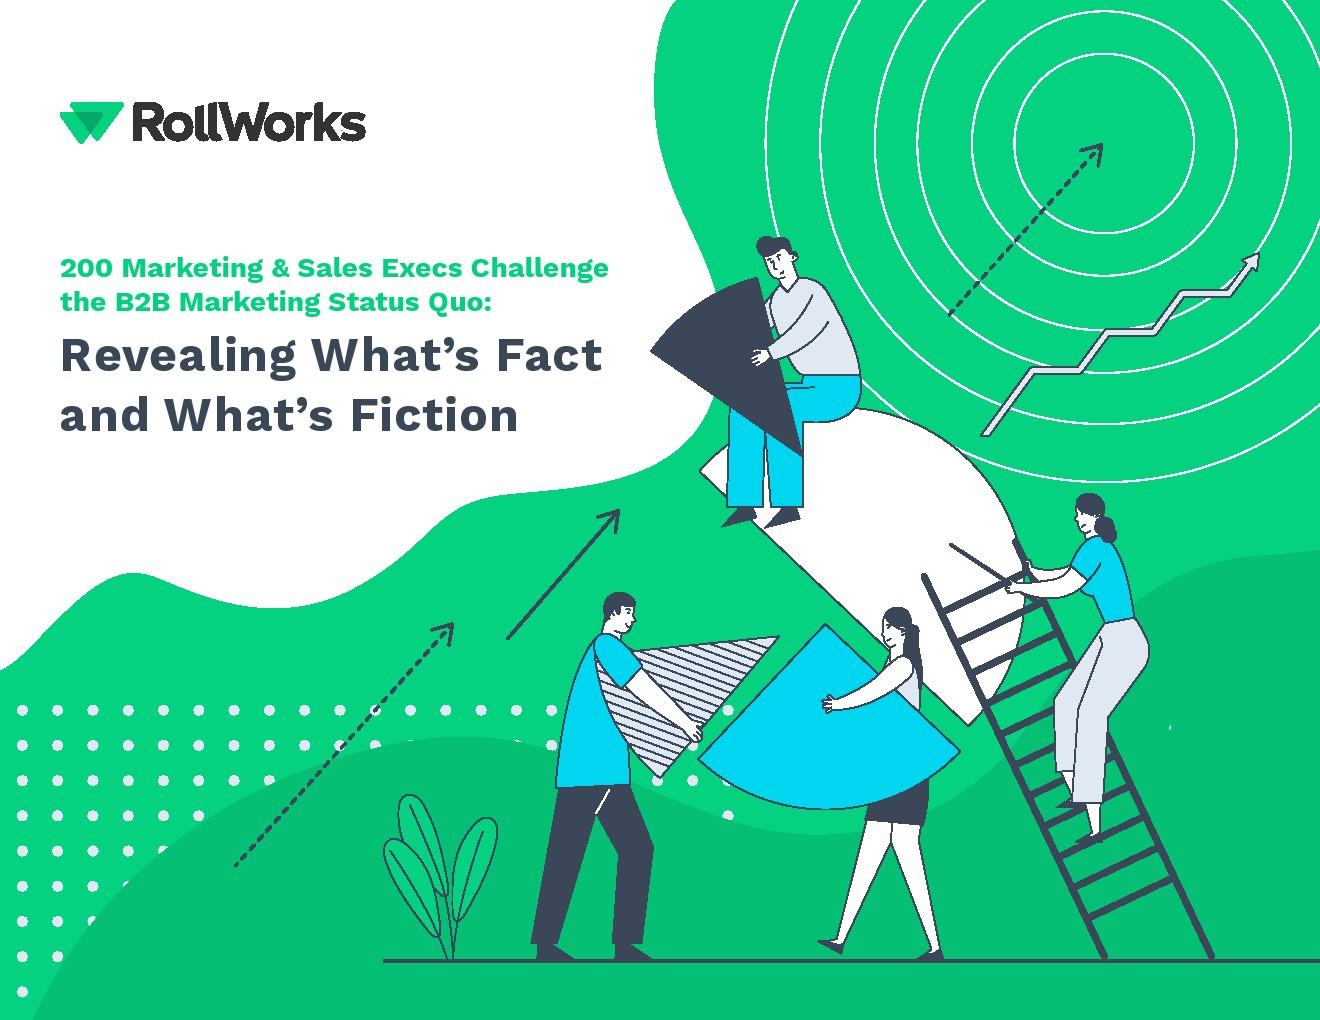 RollWorks:B2B营销报告之揭示事实与虚构